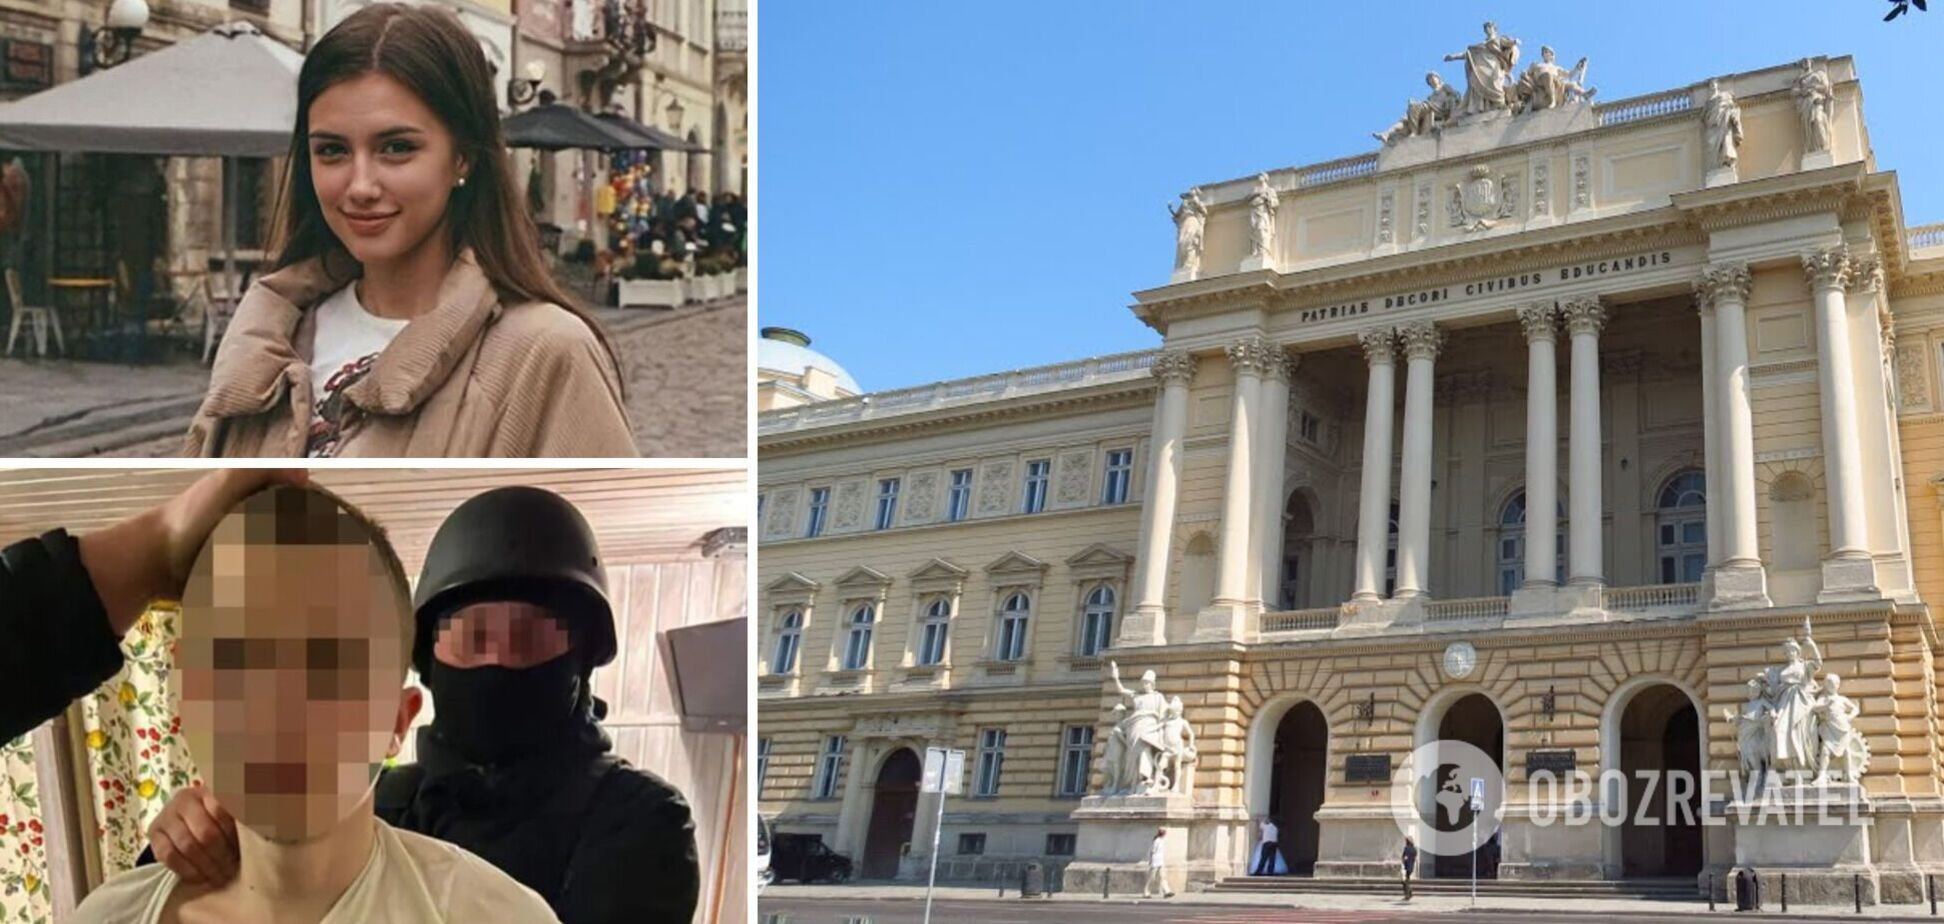 У Львові хлопець 'на ґрунті ревнощів' убив 19-річну студентку: нові подробиці трагедії